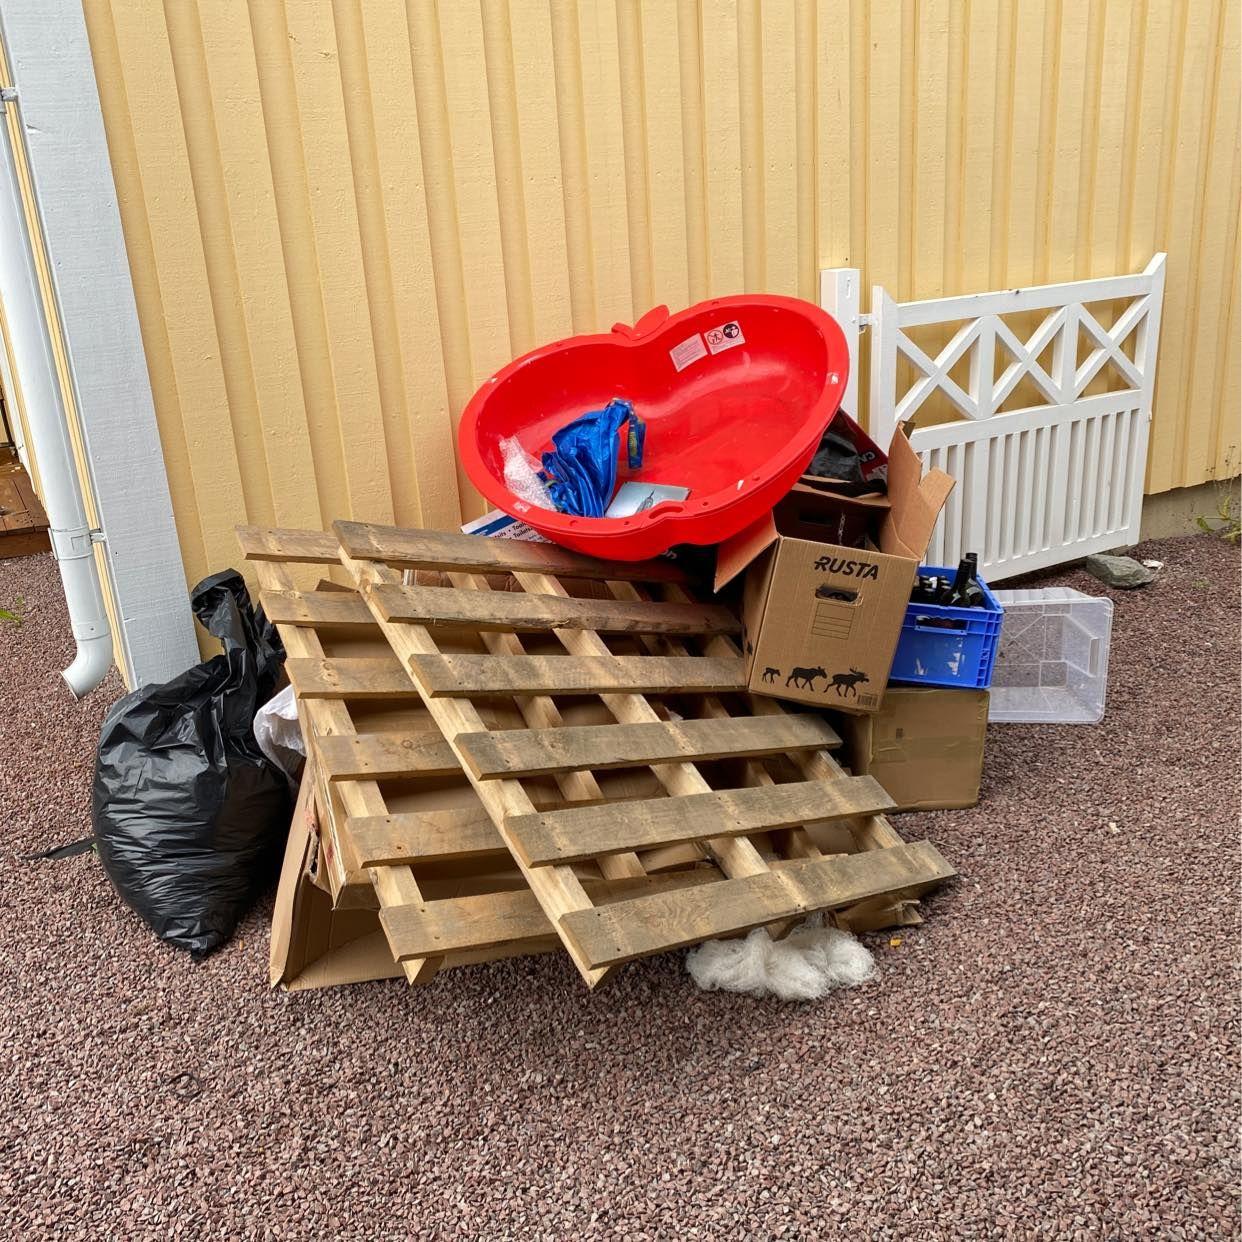 image of Blandade sopor från förrå - Sigtuna